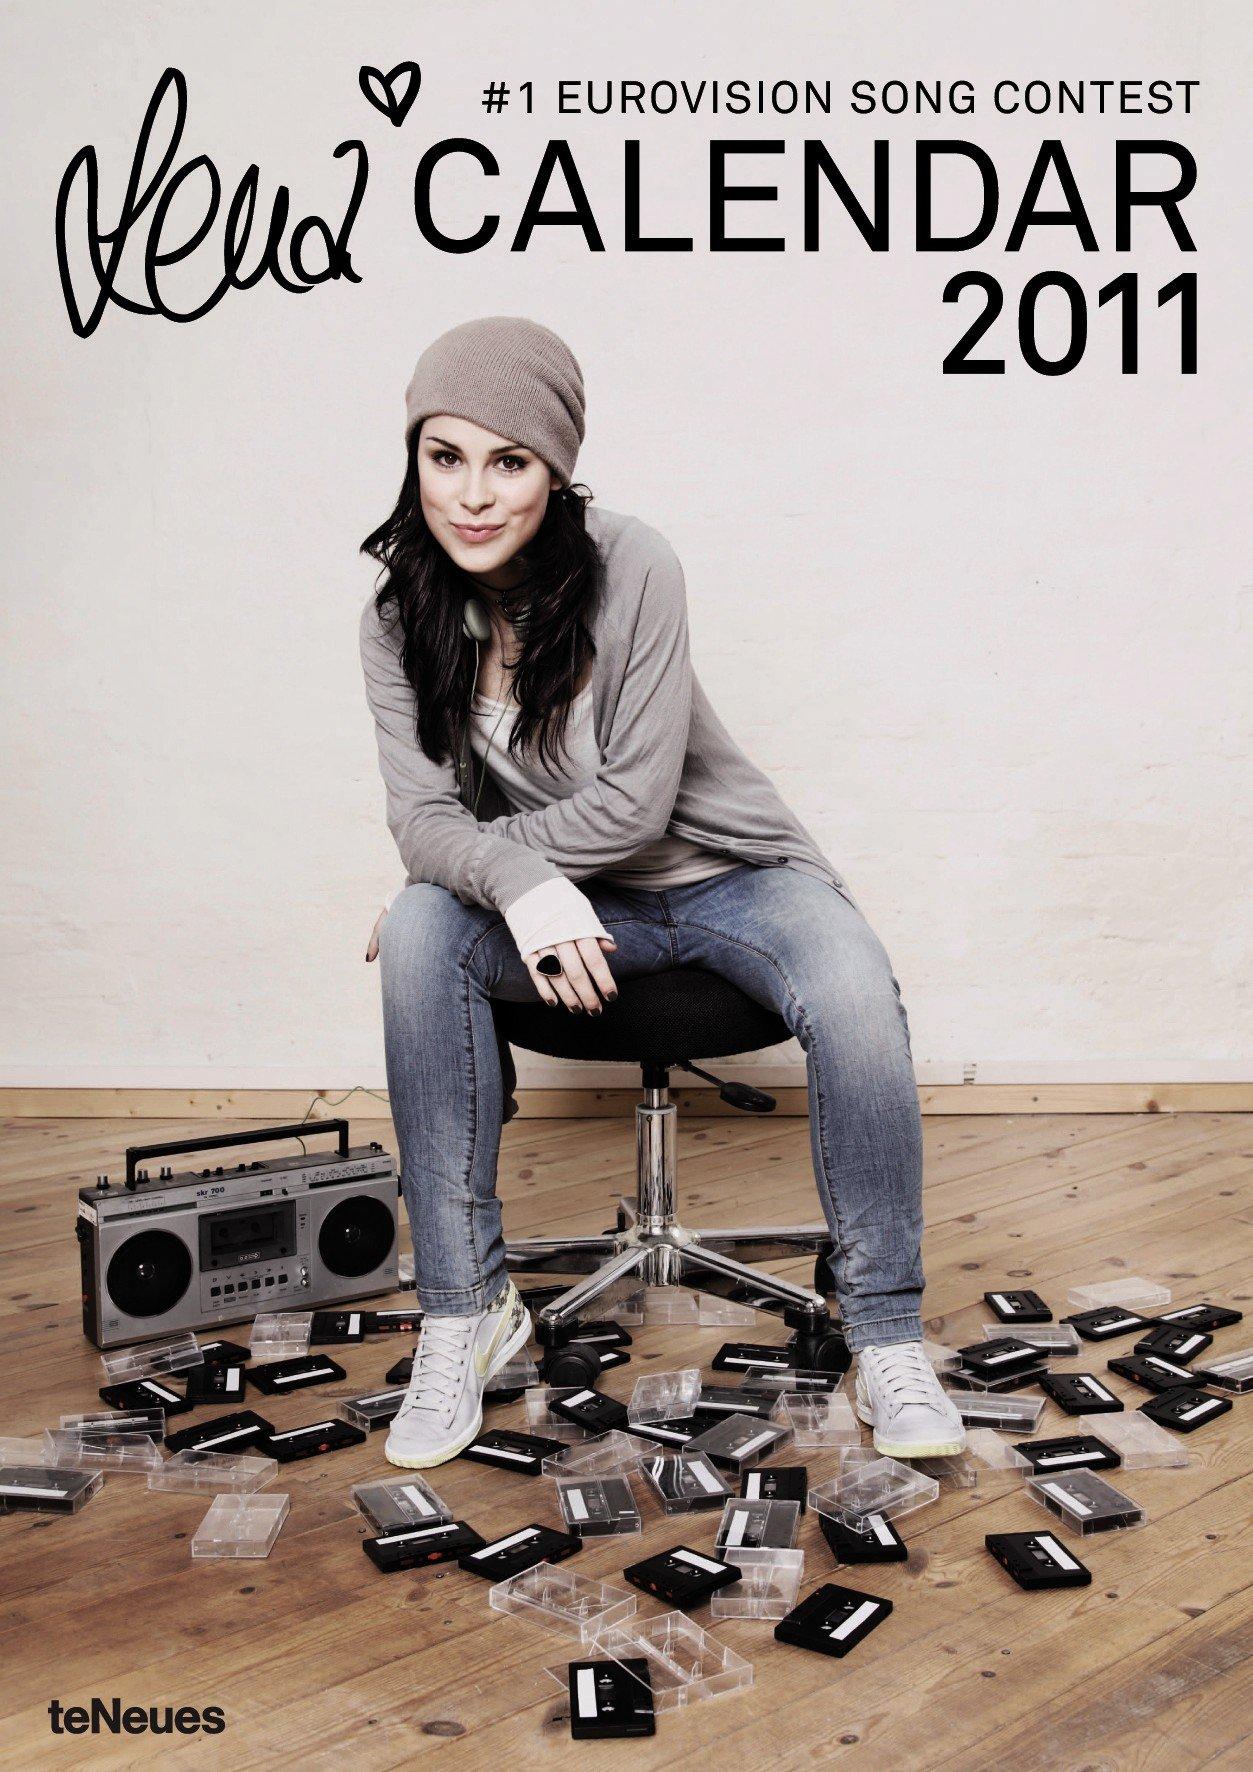 Lena 2011